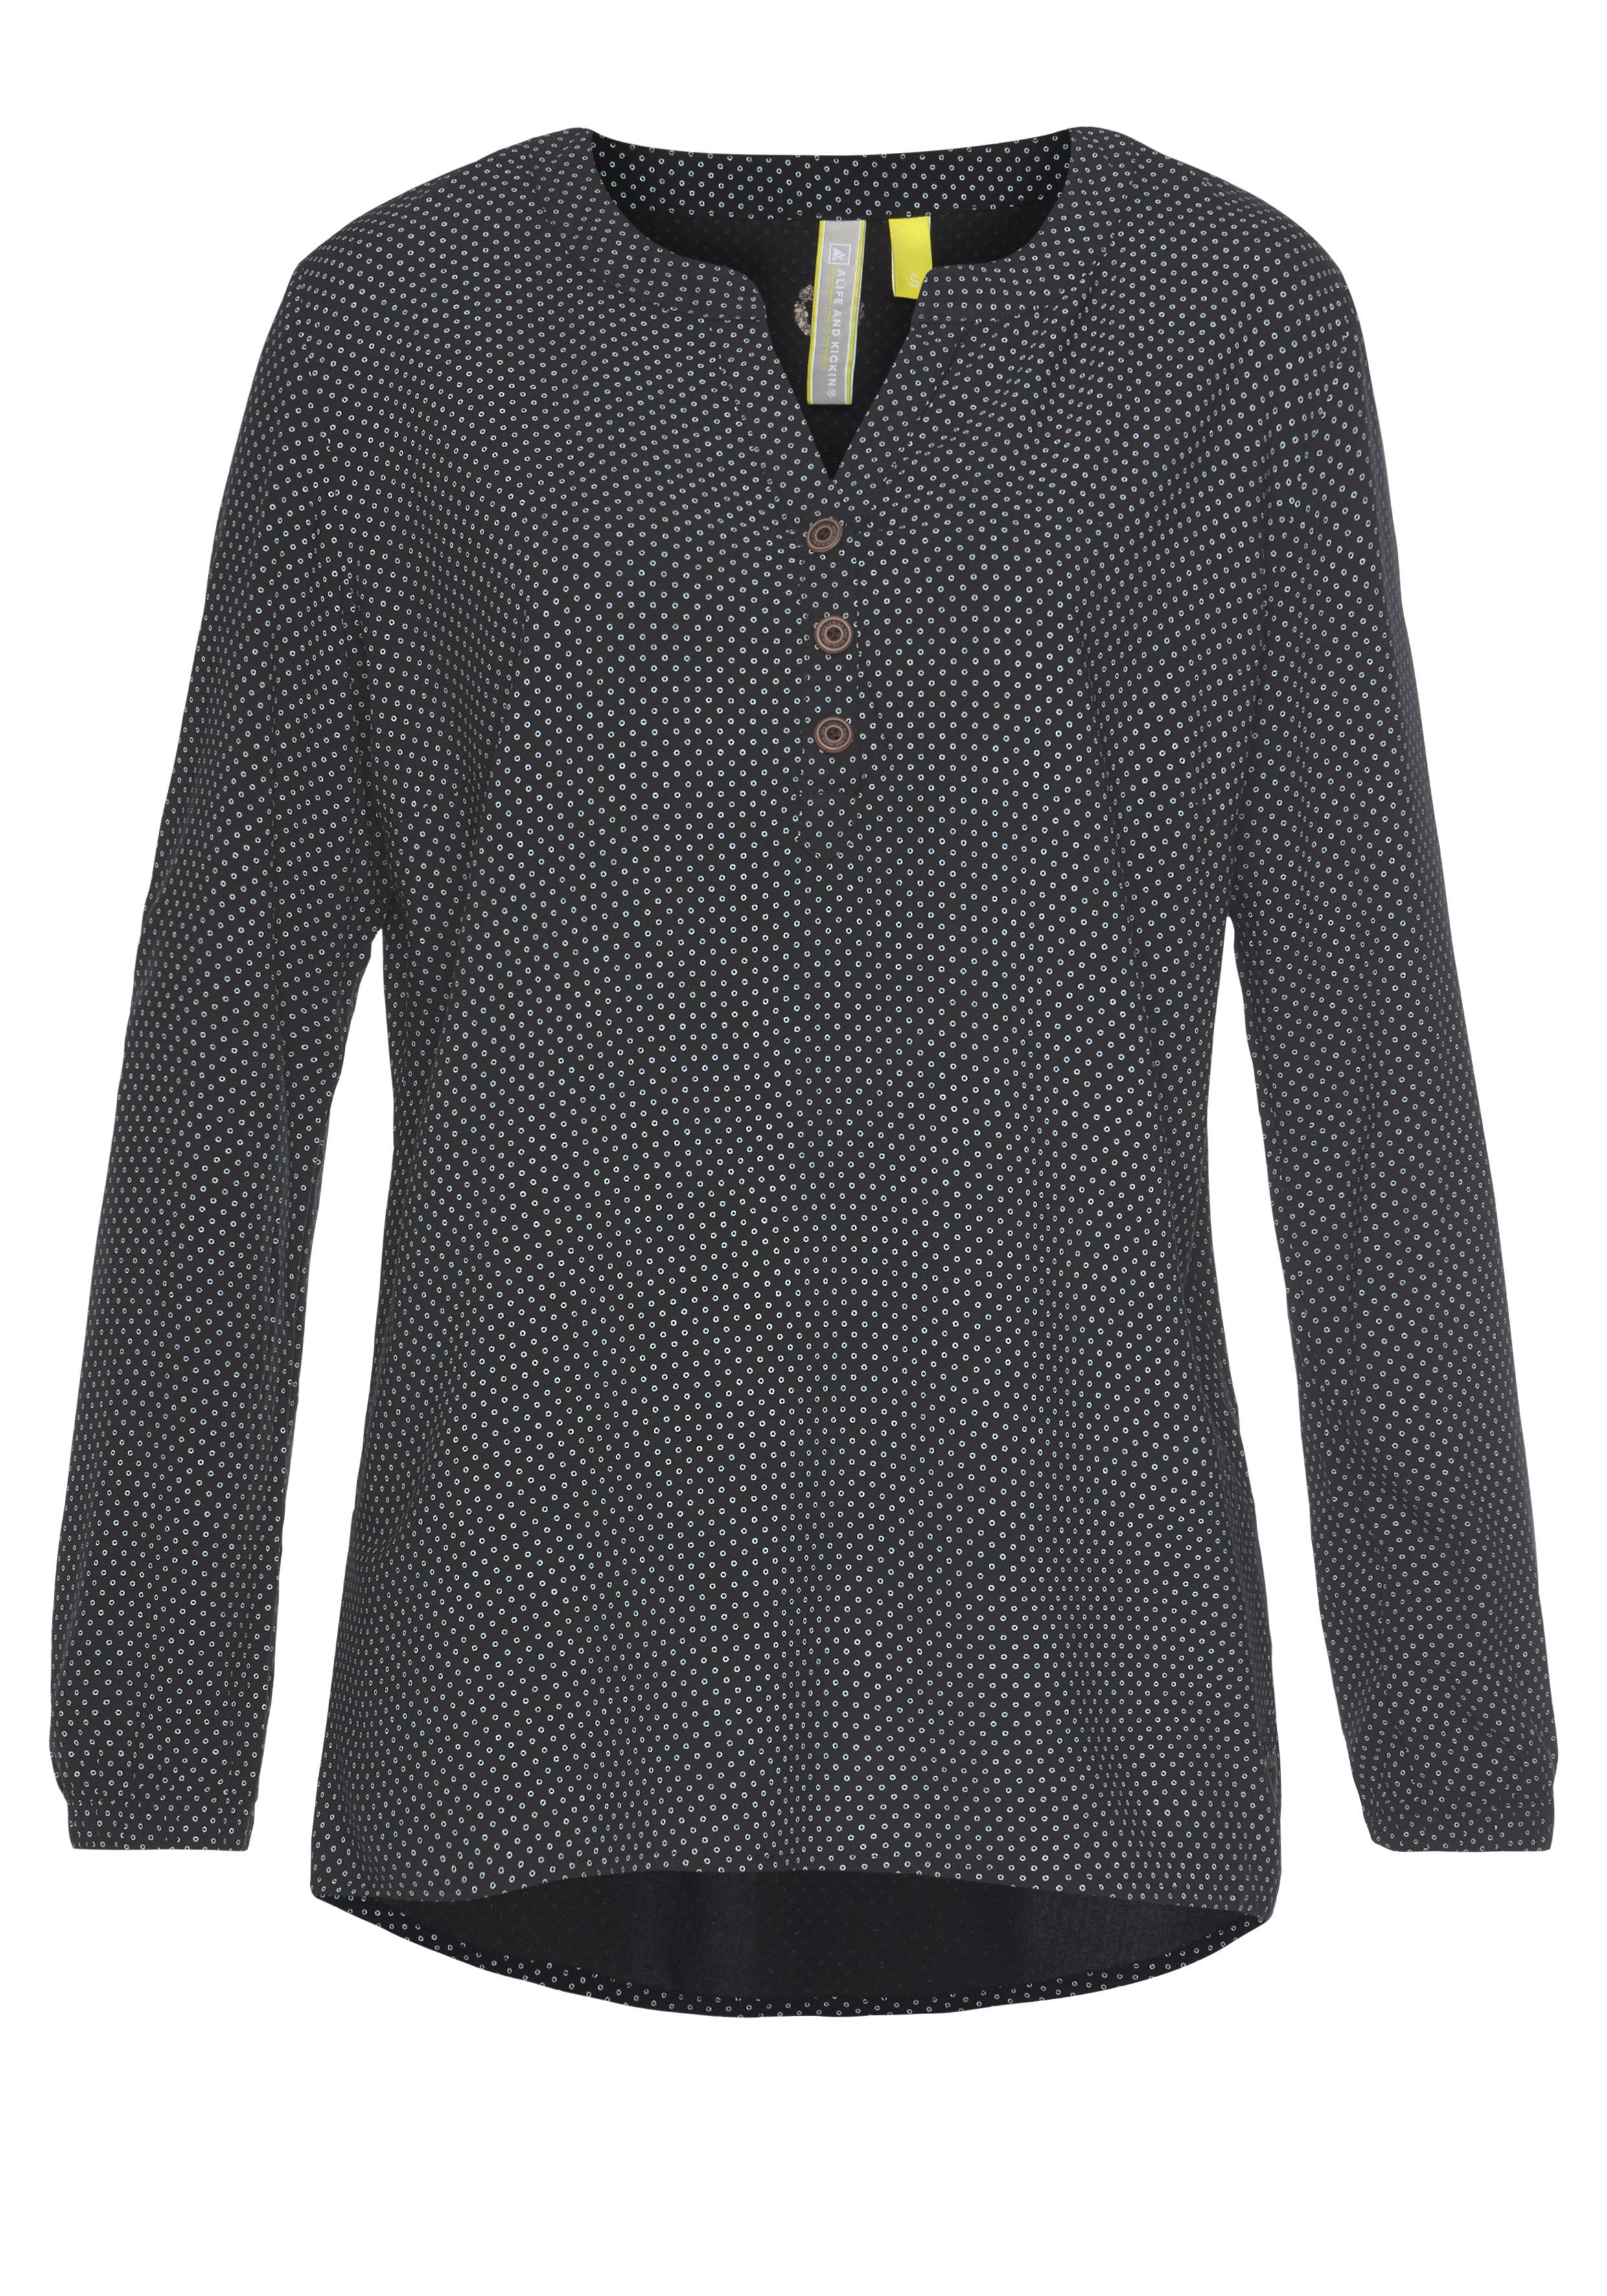 Image of Alife & Kickin Druckbluse »DaisyAK«, süsse Bluse aus reiner Viskose mit Allover-Print